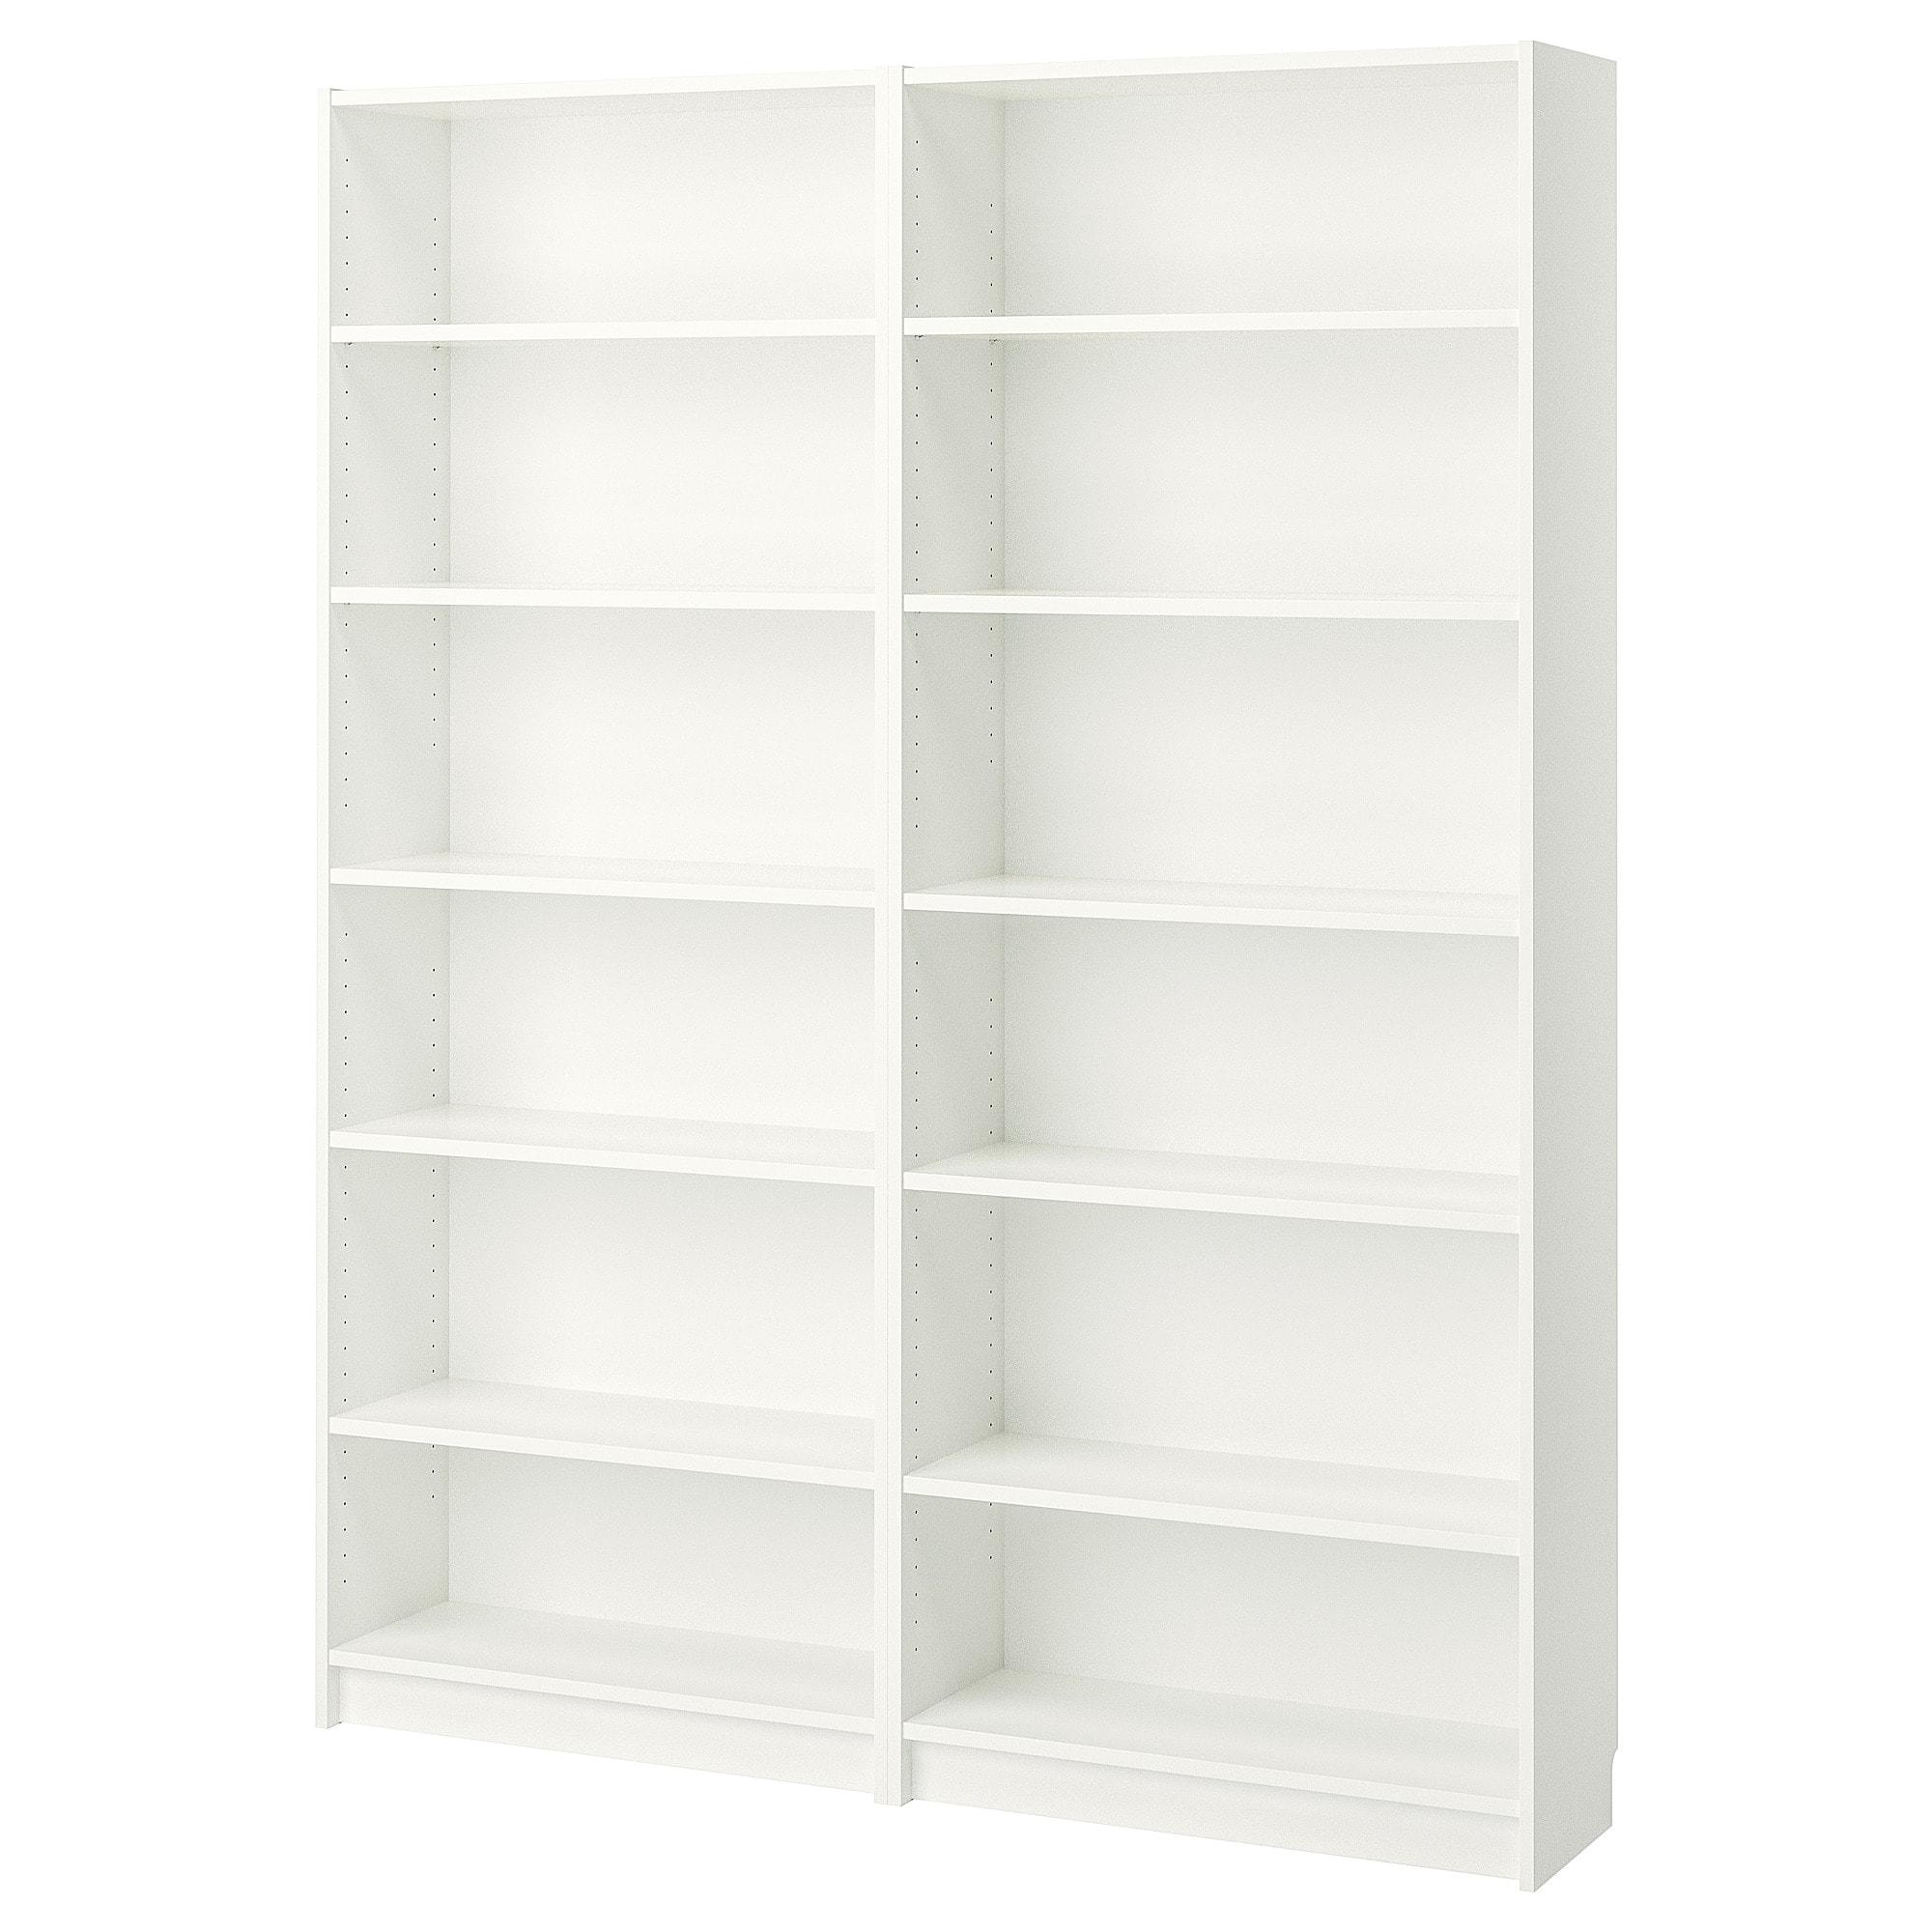 Cassettiera Per Armadio Ikea i 10 mobili ikea che non possono mancare a casa tua - sos